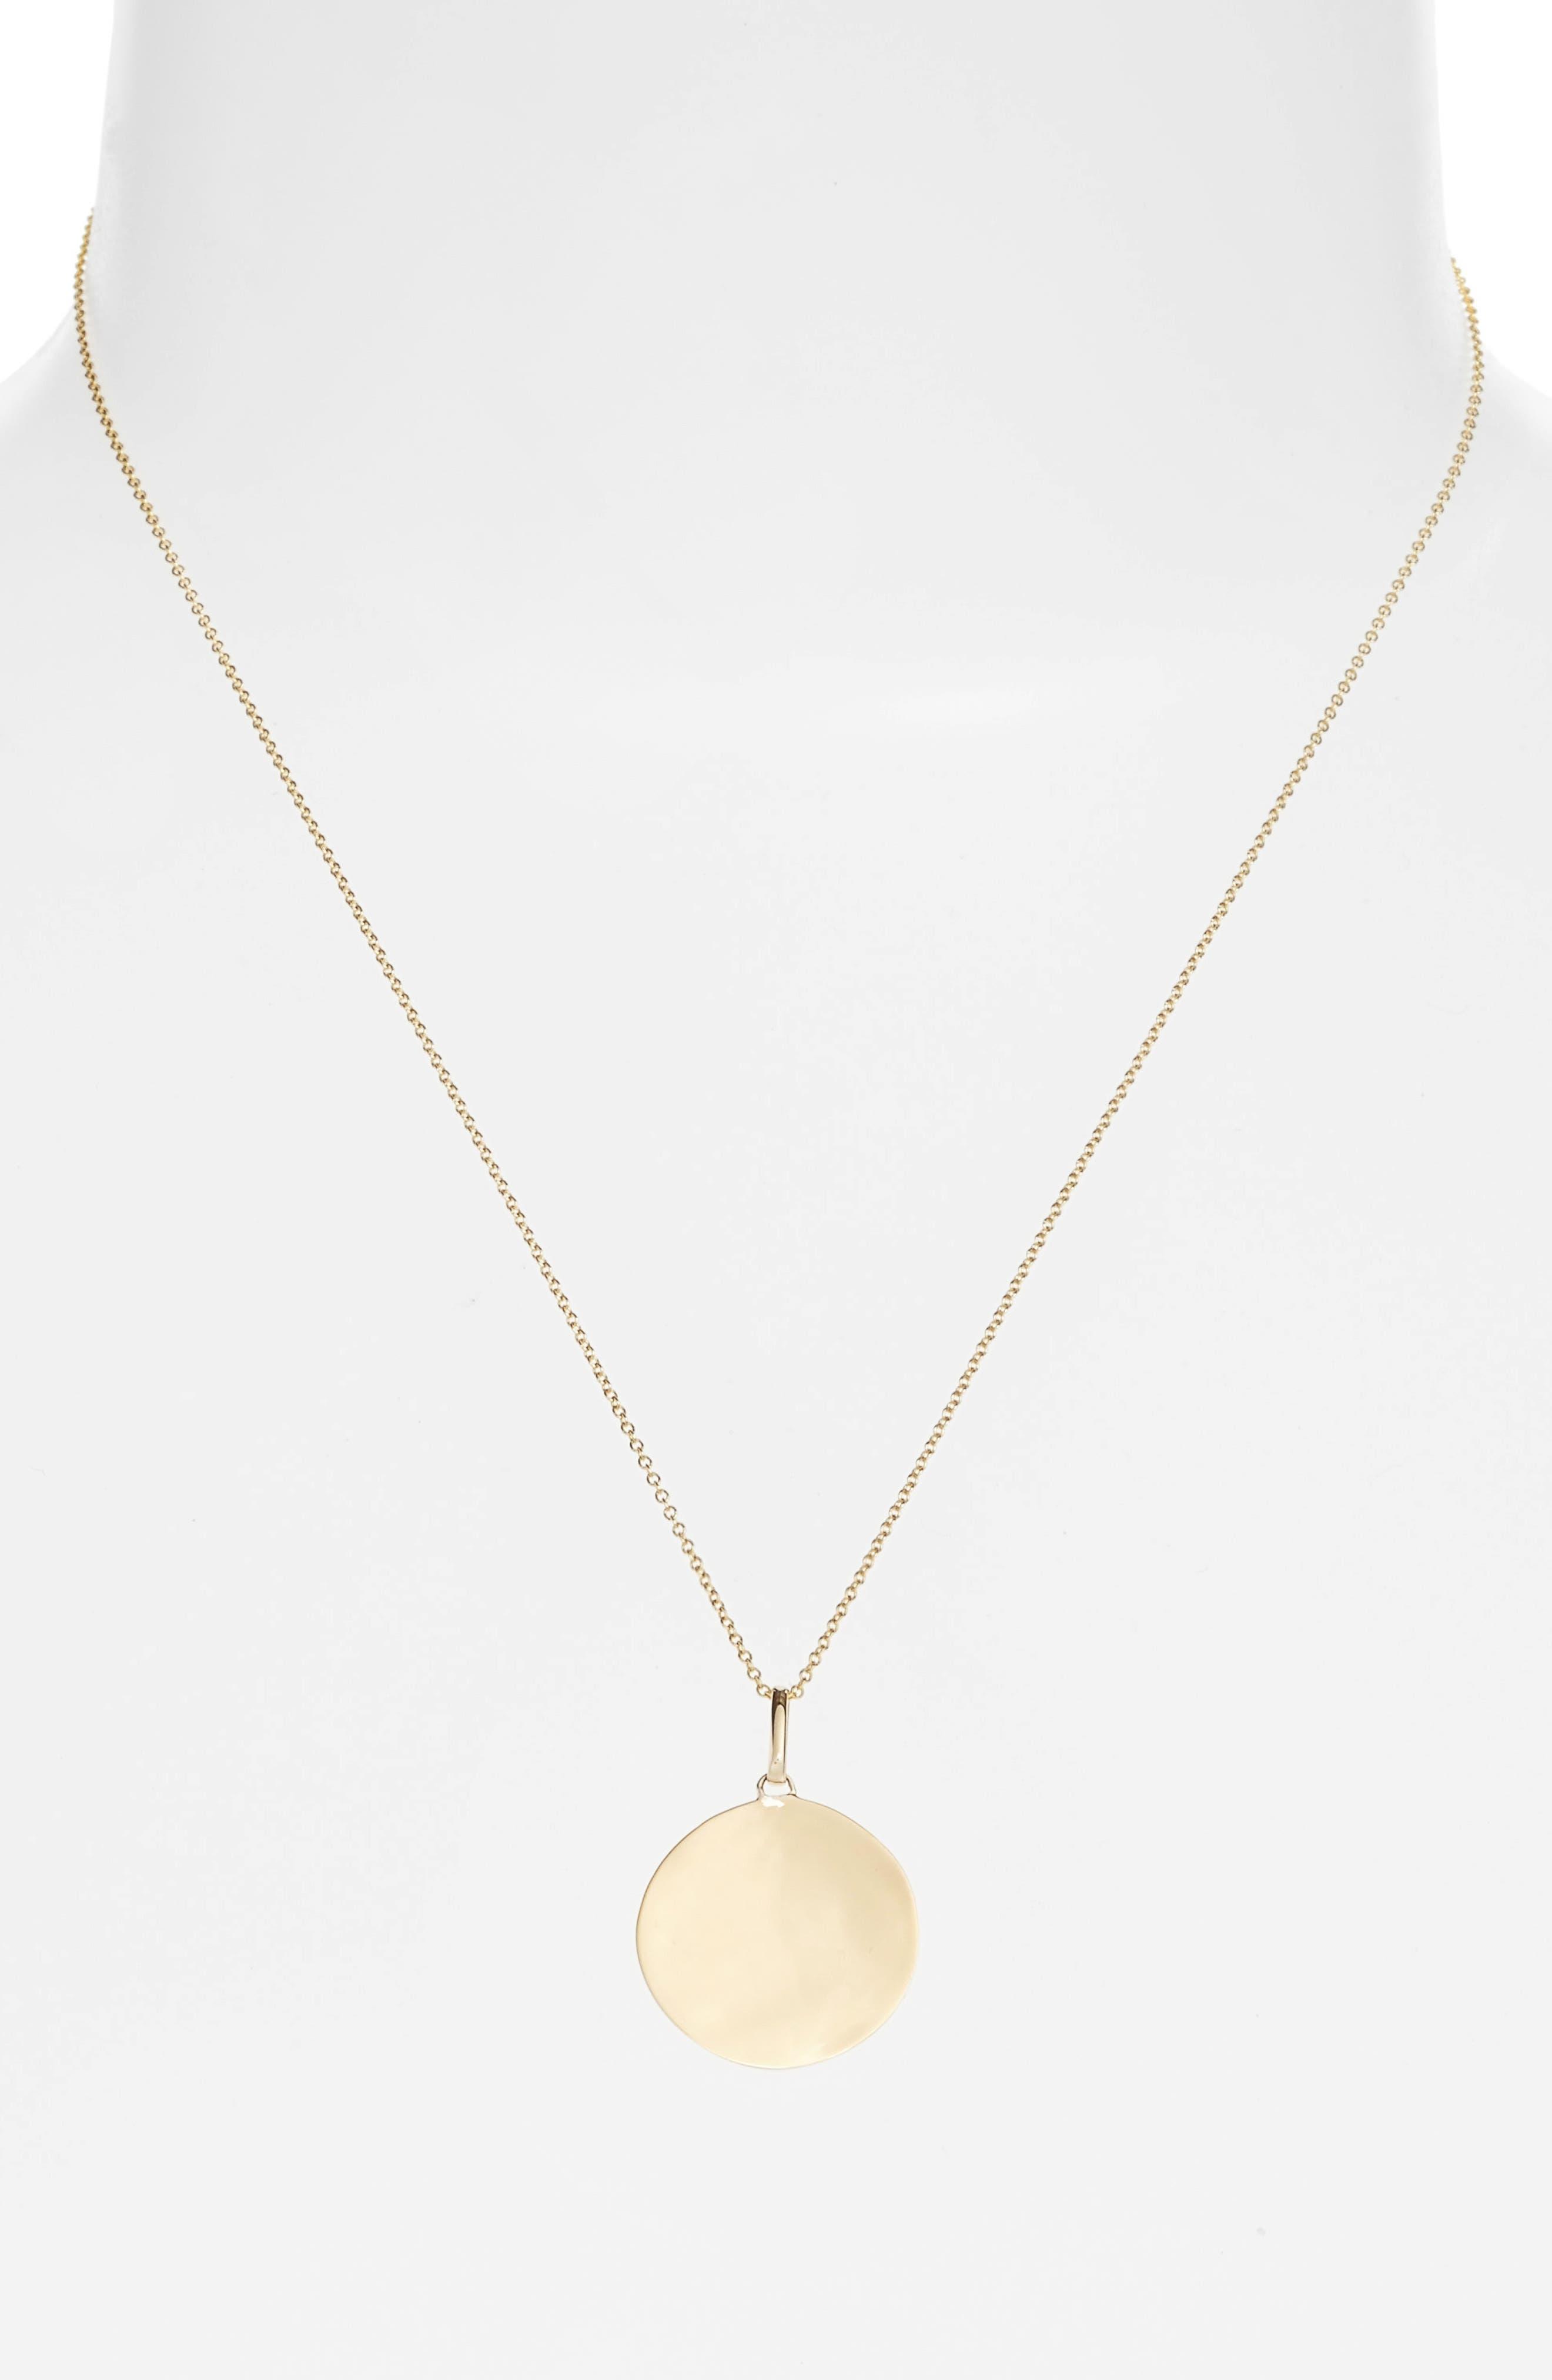 BONY LEVY Concave Large Pendant Necklace